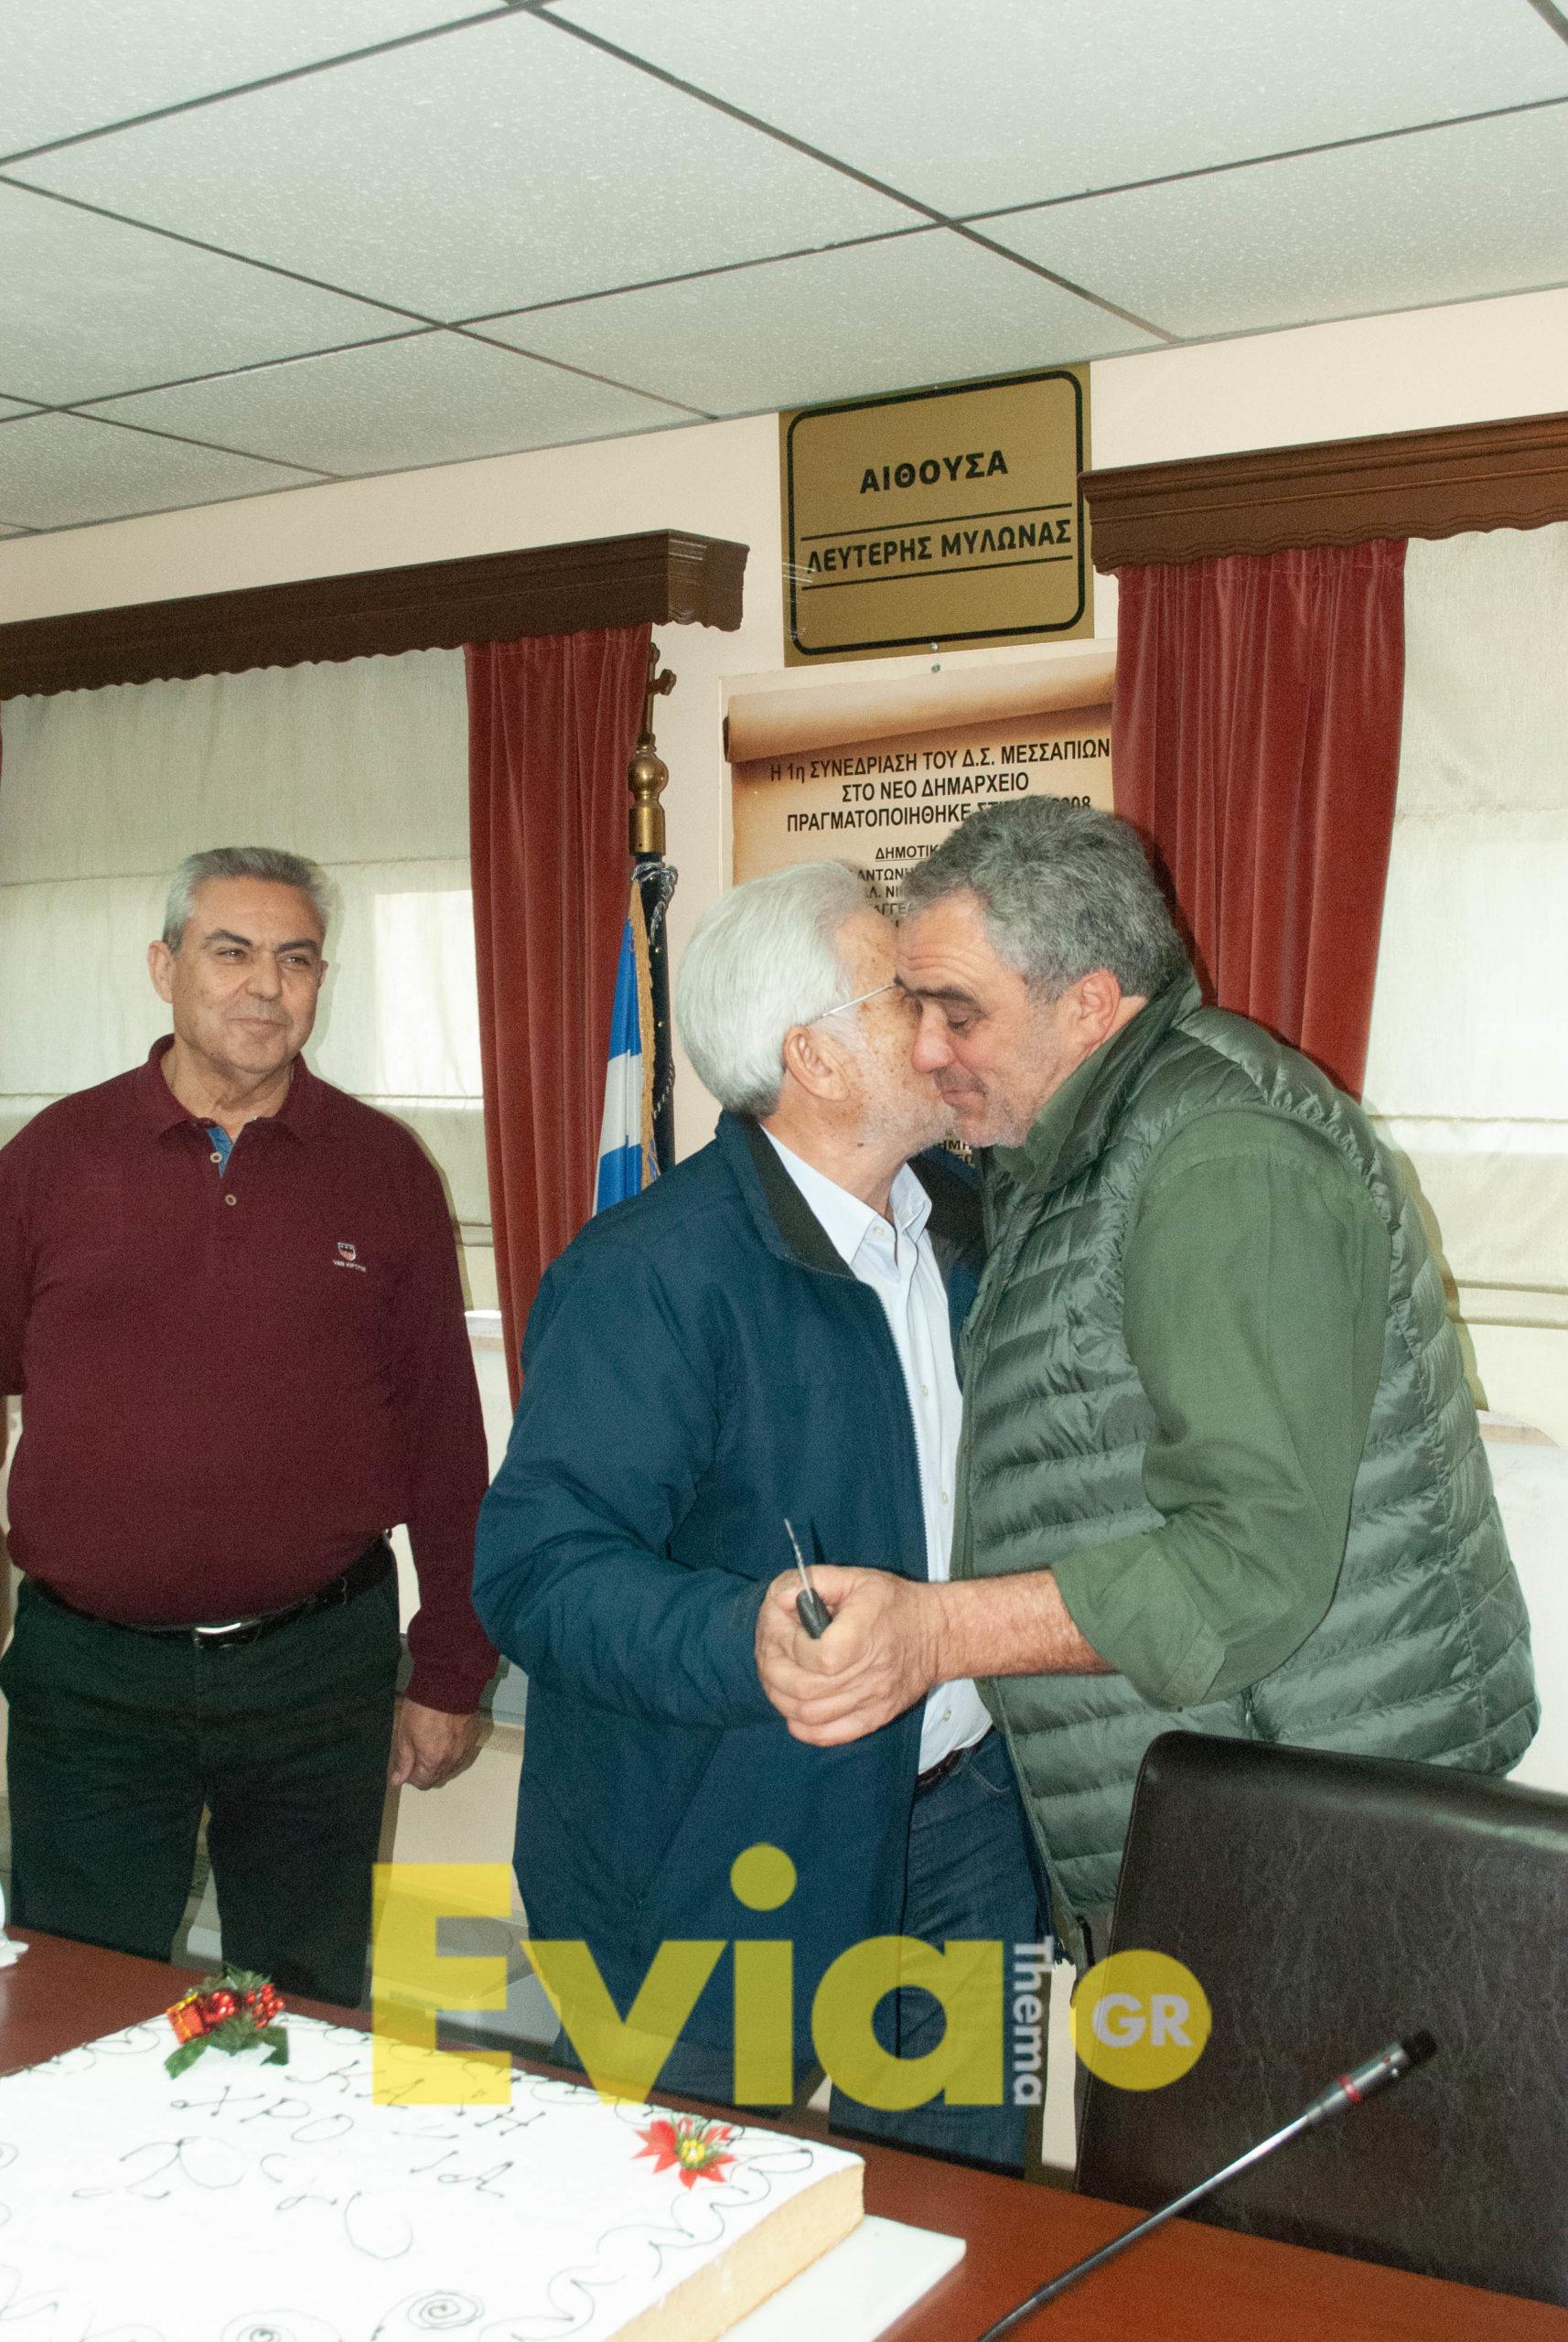 , Γιώργος Ψαθάς: Περιμένω περισσότερη συνεργασία και περισσότερη φιλικότητα προς τους δημότες, Eviathema.gr | ΕΥΒΟΙΑ ΝΕΑ - Νέα και ειδήσεις από όλη την Εύβοια